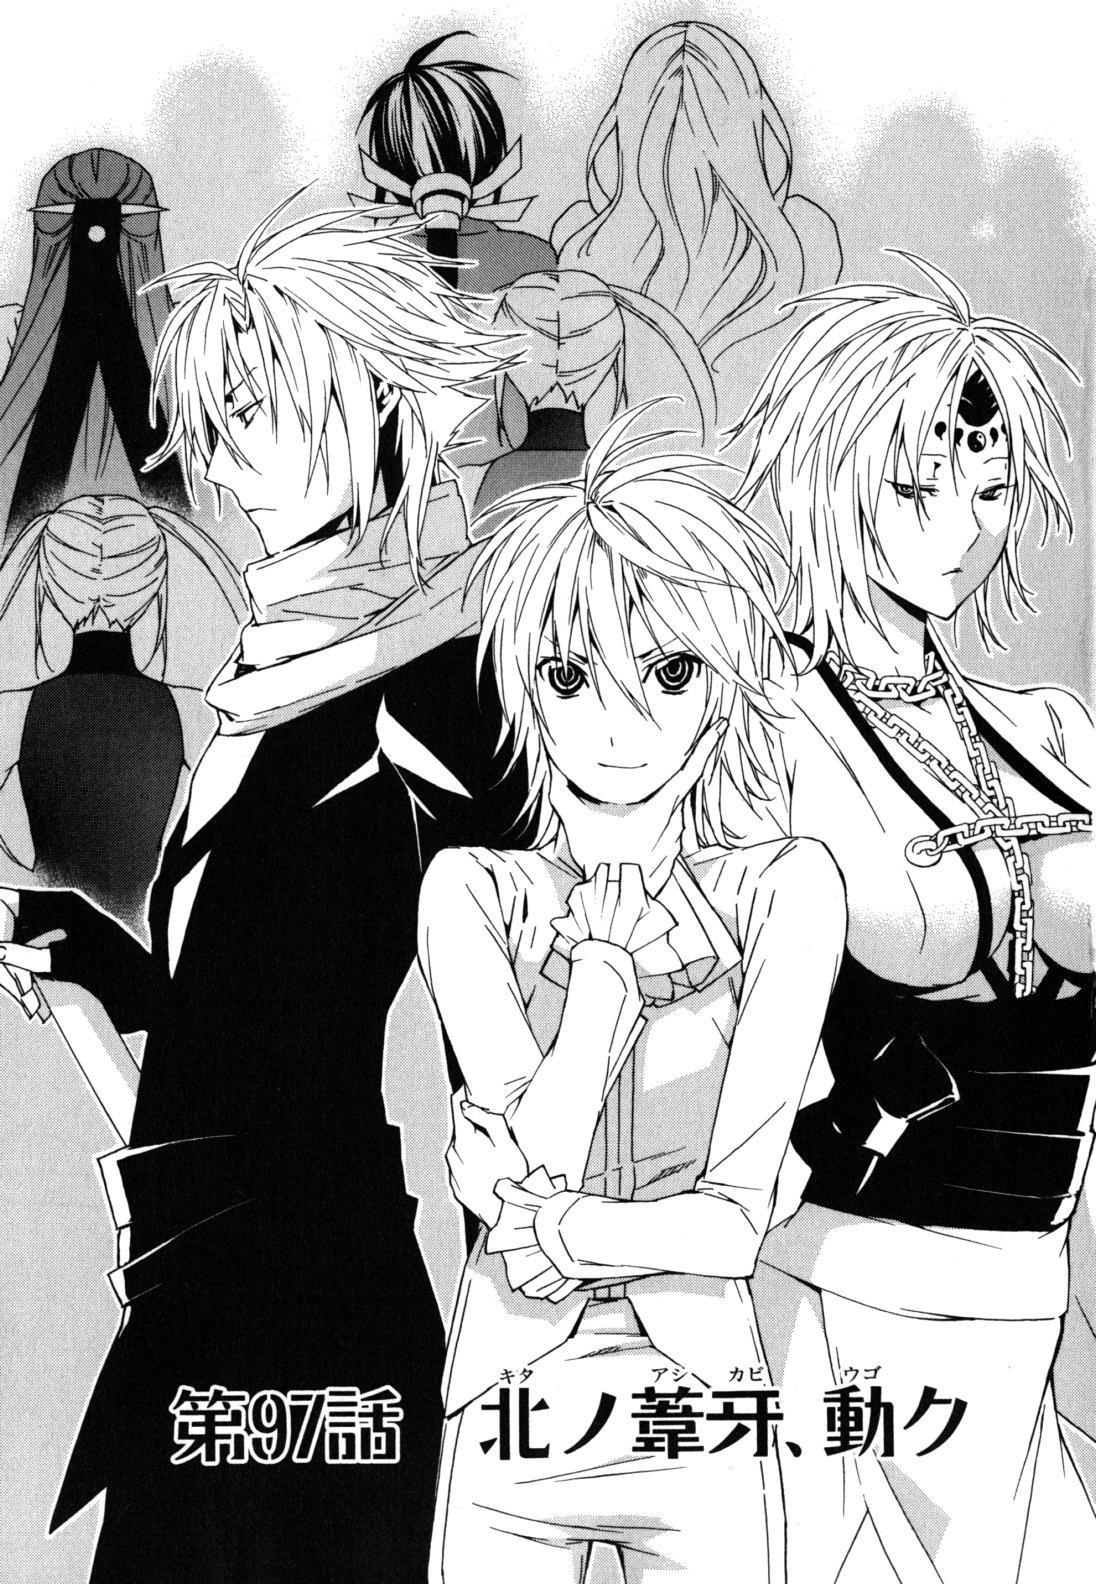 Sekirei manga chapter 097.jpg